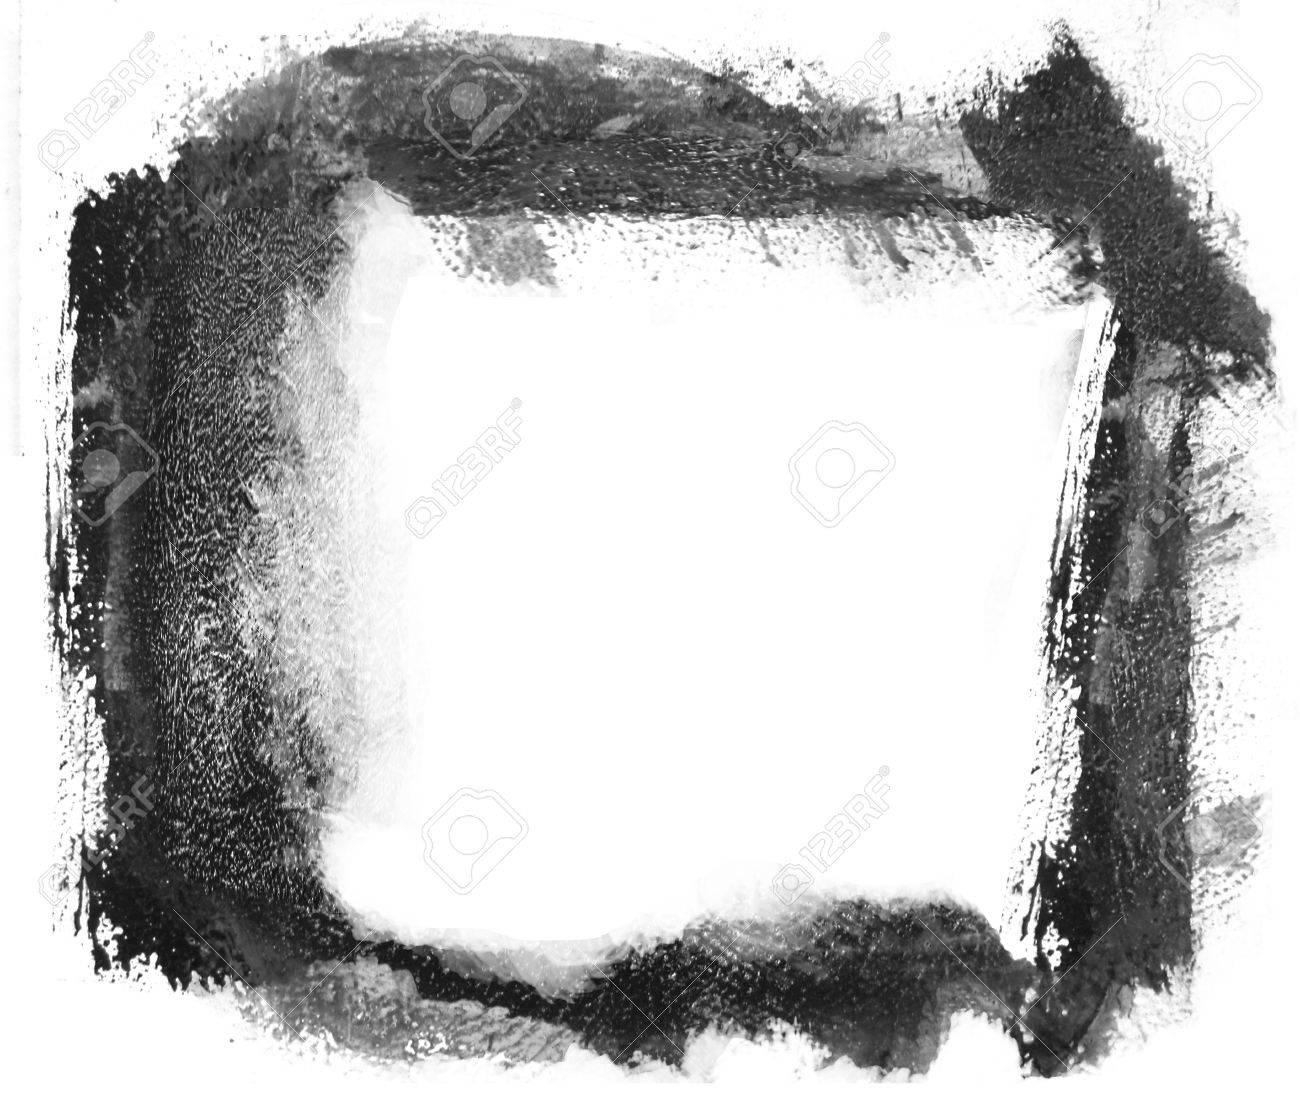 Ausgezeichnet Klappzwillingsbettrahmen Fotos - Benutzerdefinierte ...